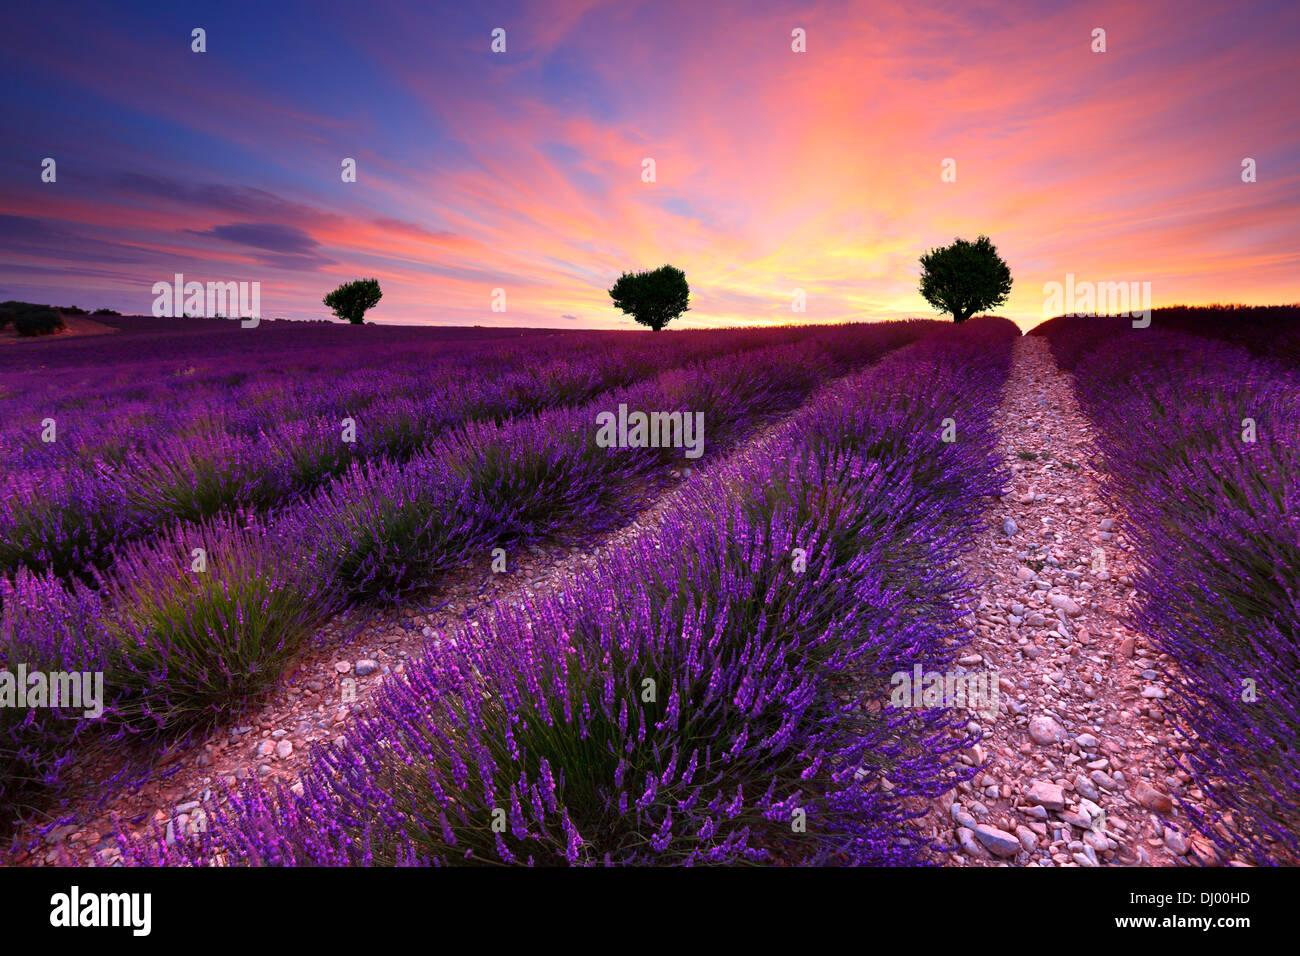 Tre sulla collina nel campo di lavanda al tramonto. Francia Provenza. Immagini Stock